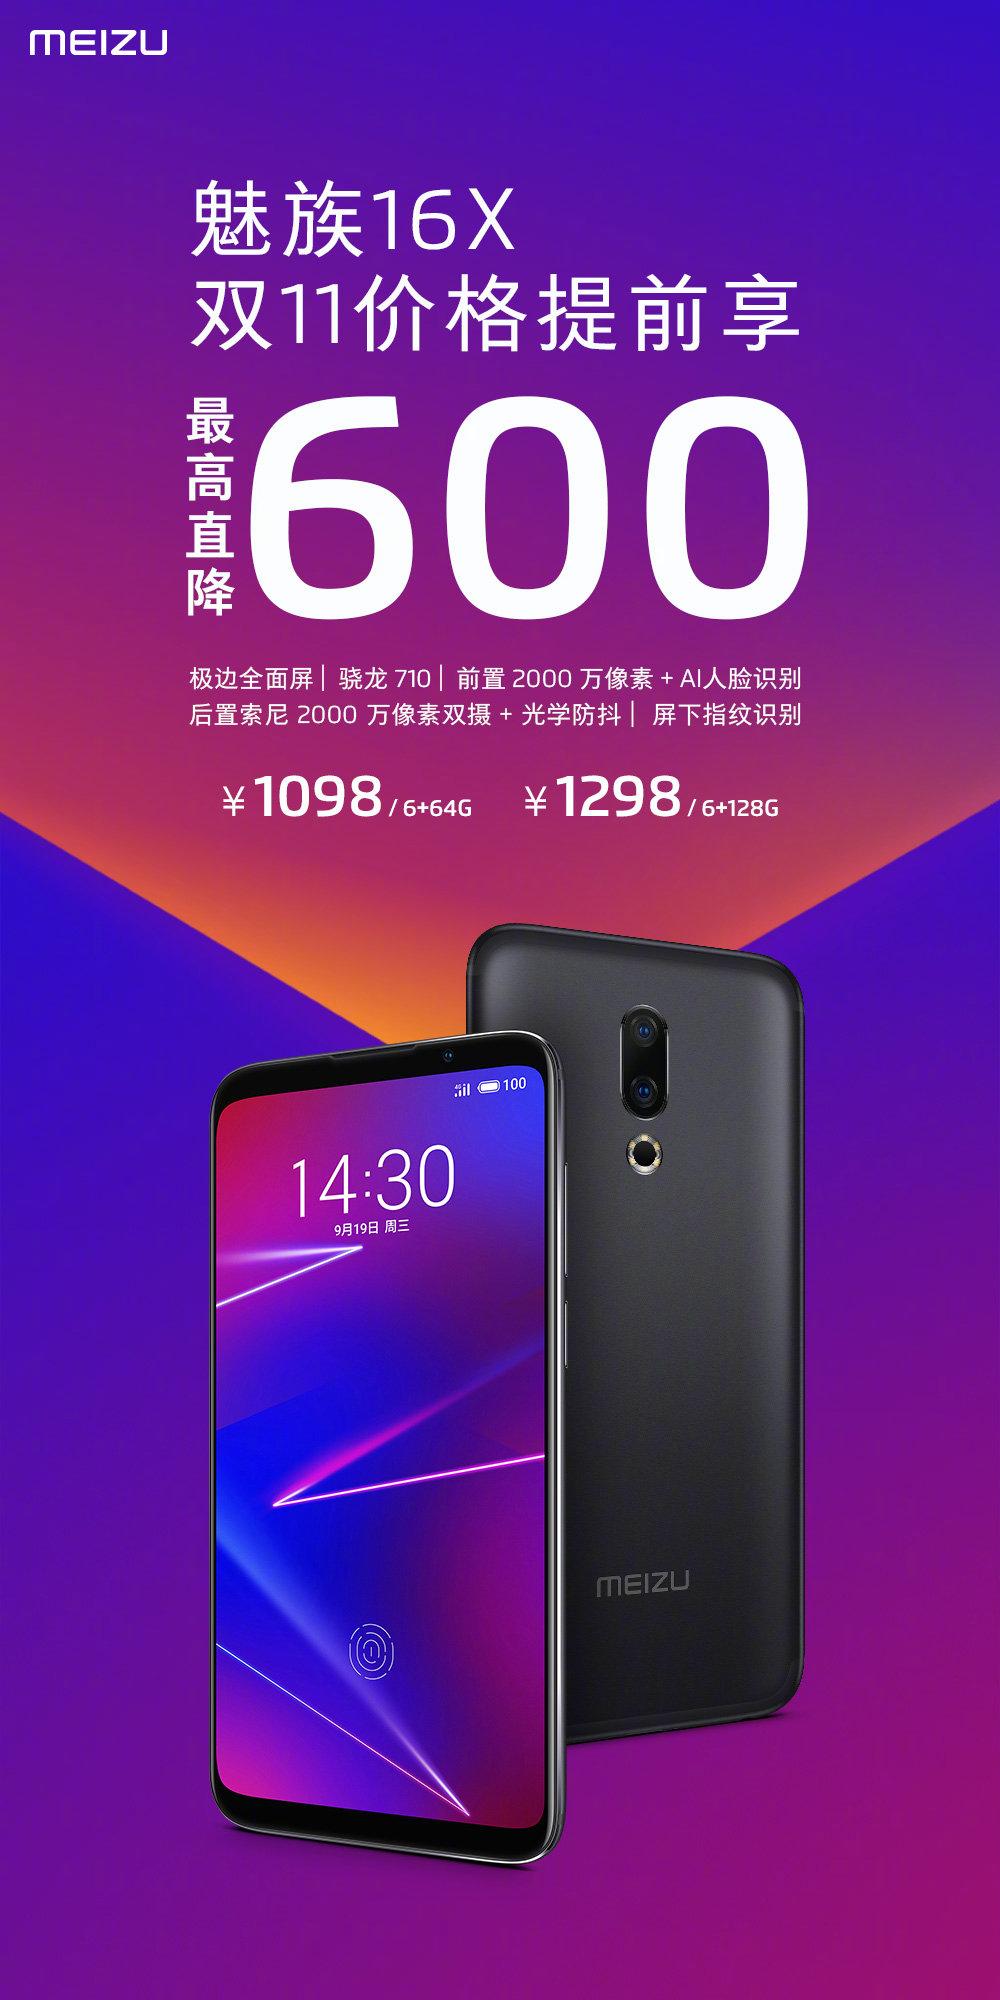 魅族16X最高直降600元:驍龍710+屏幕指紋